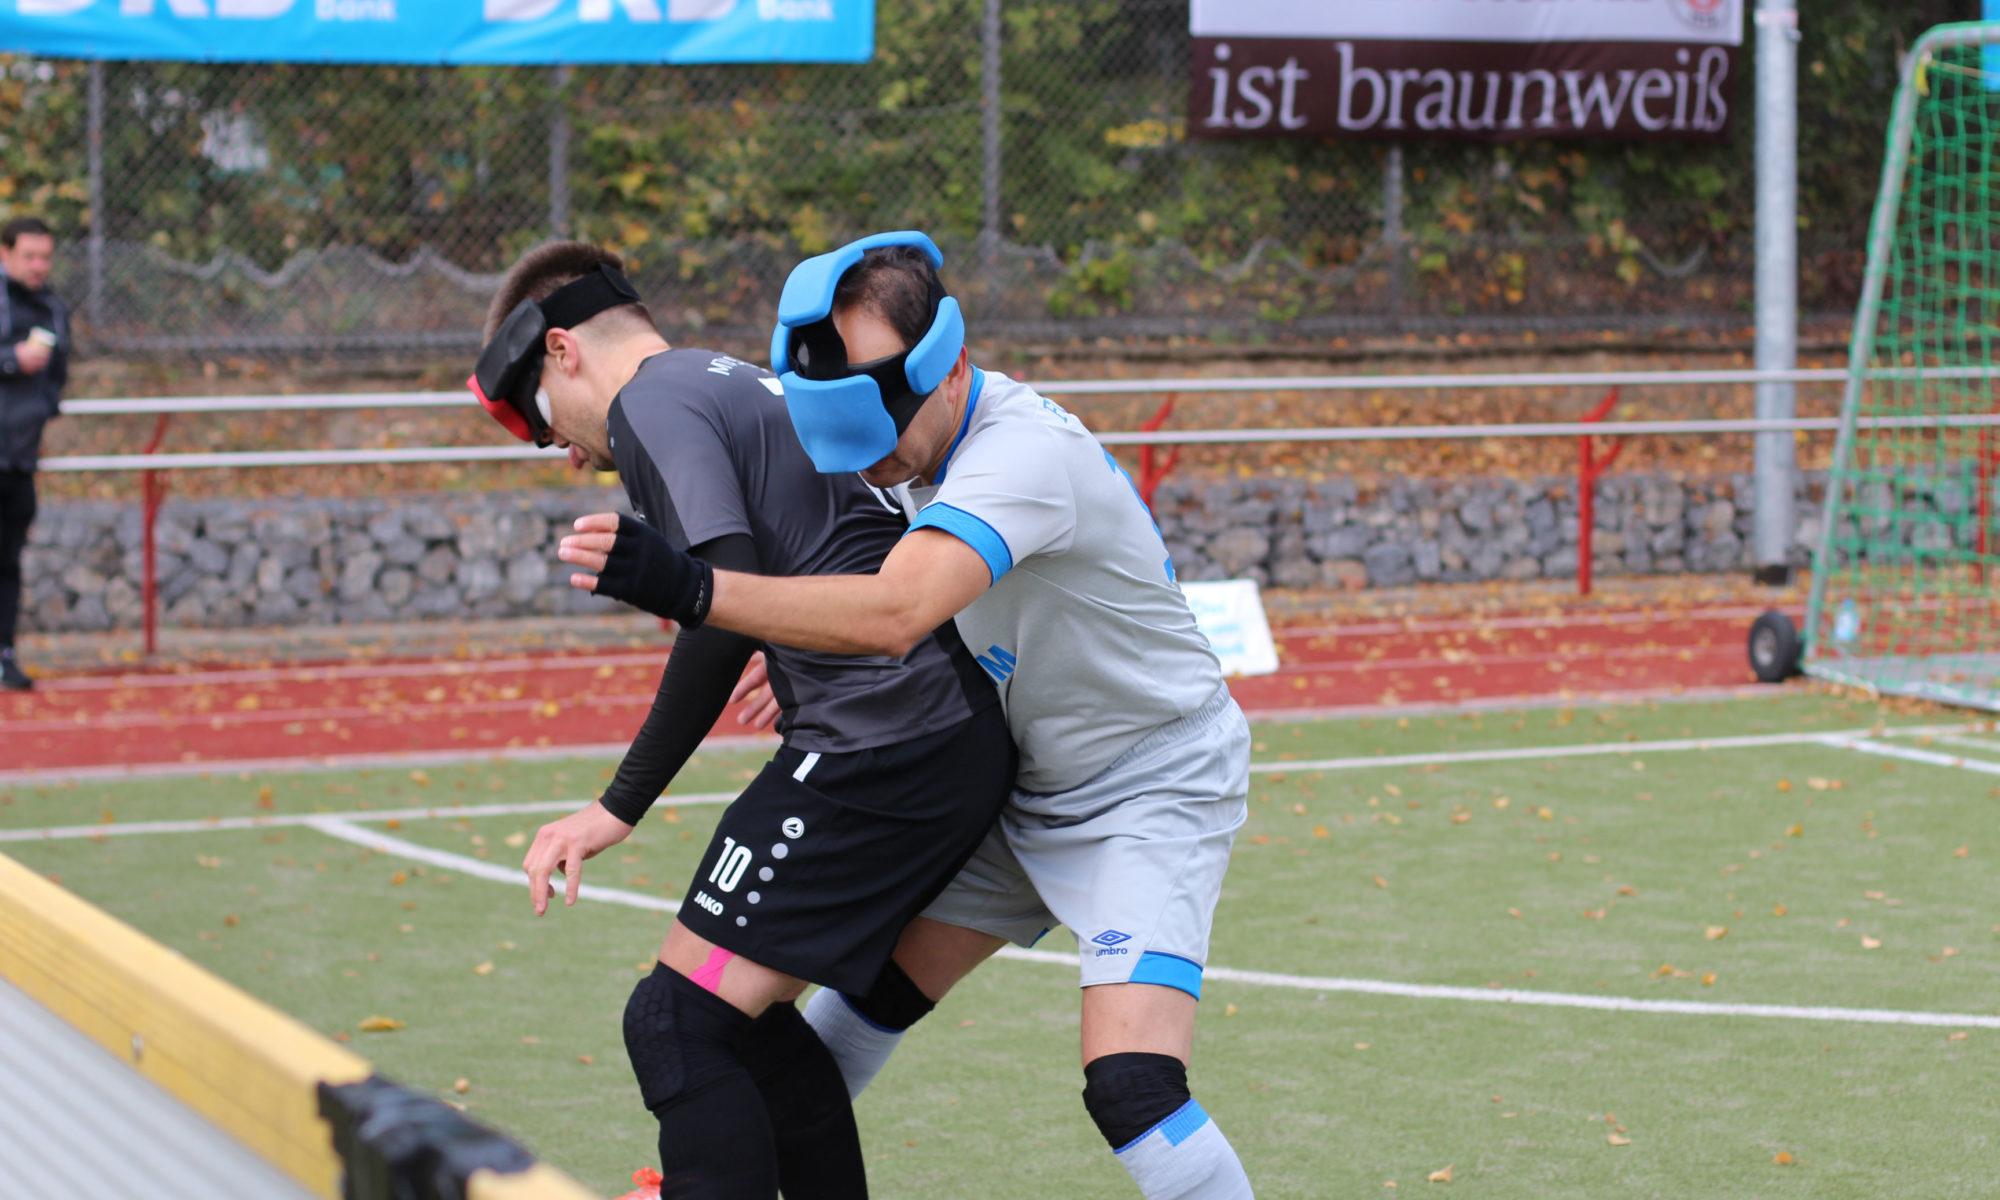 In der Nahaufnahme eines Zweikampfs hat Alexander Fangmann den Ball zwischen den Beinen. Er wird von hinten von Bajram Dogan angegriffen, der ihn eng bedrängt, Foto: Tomke Koop.